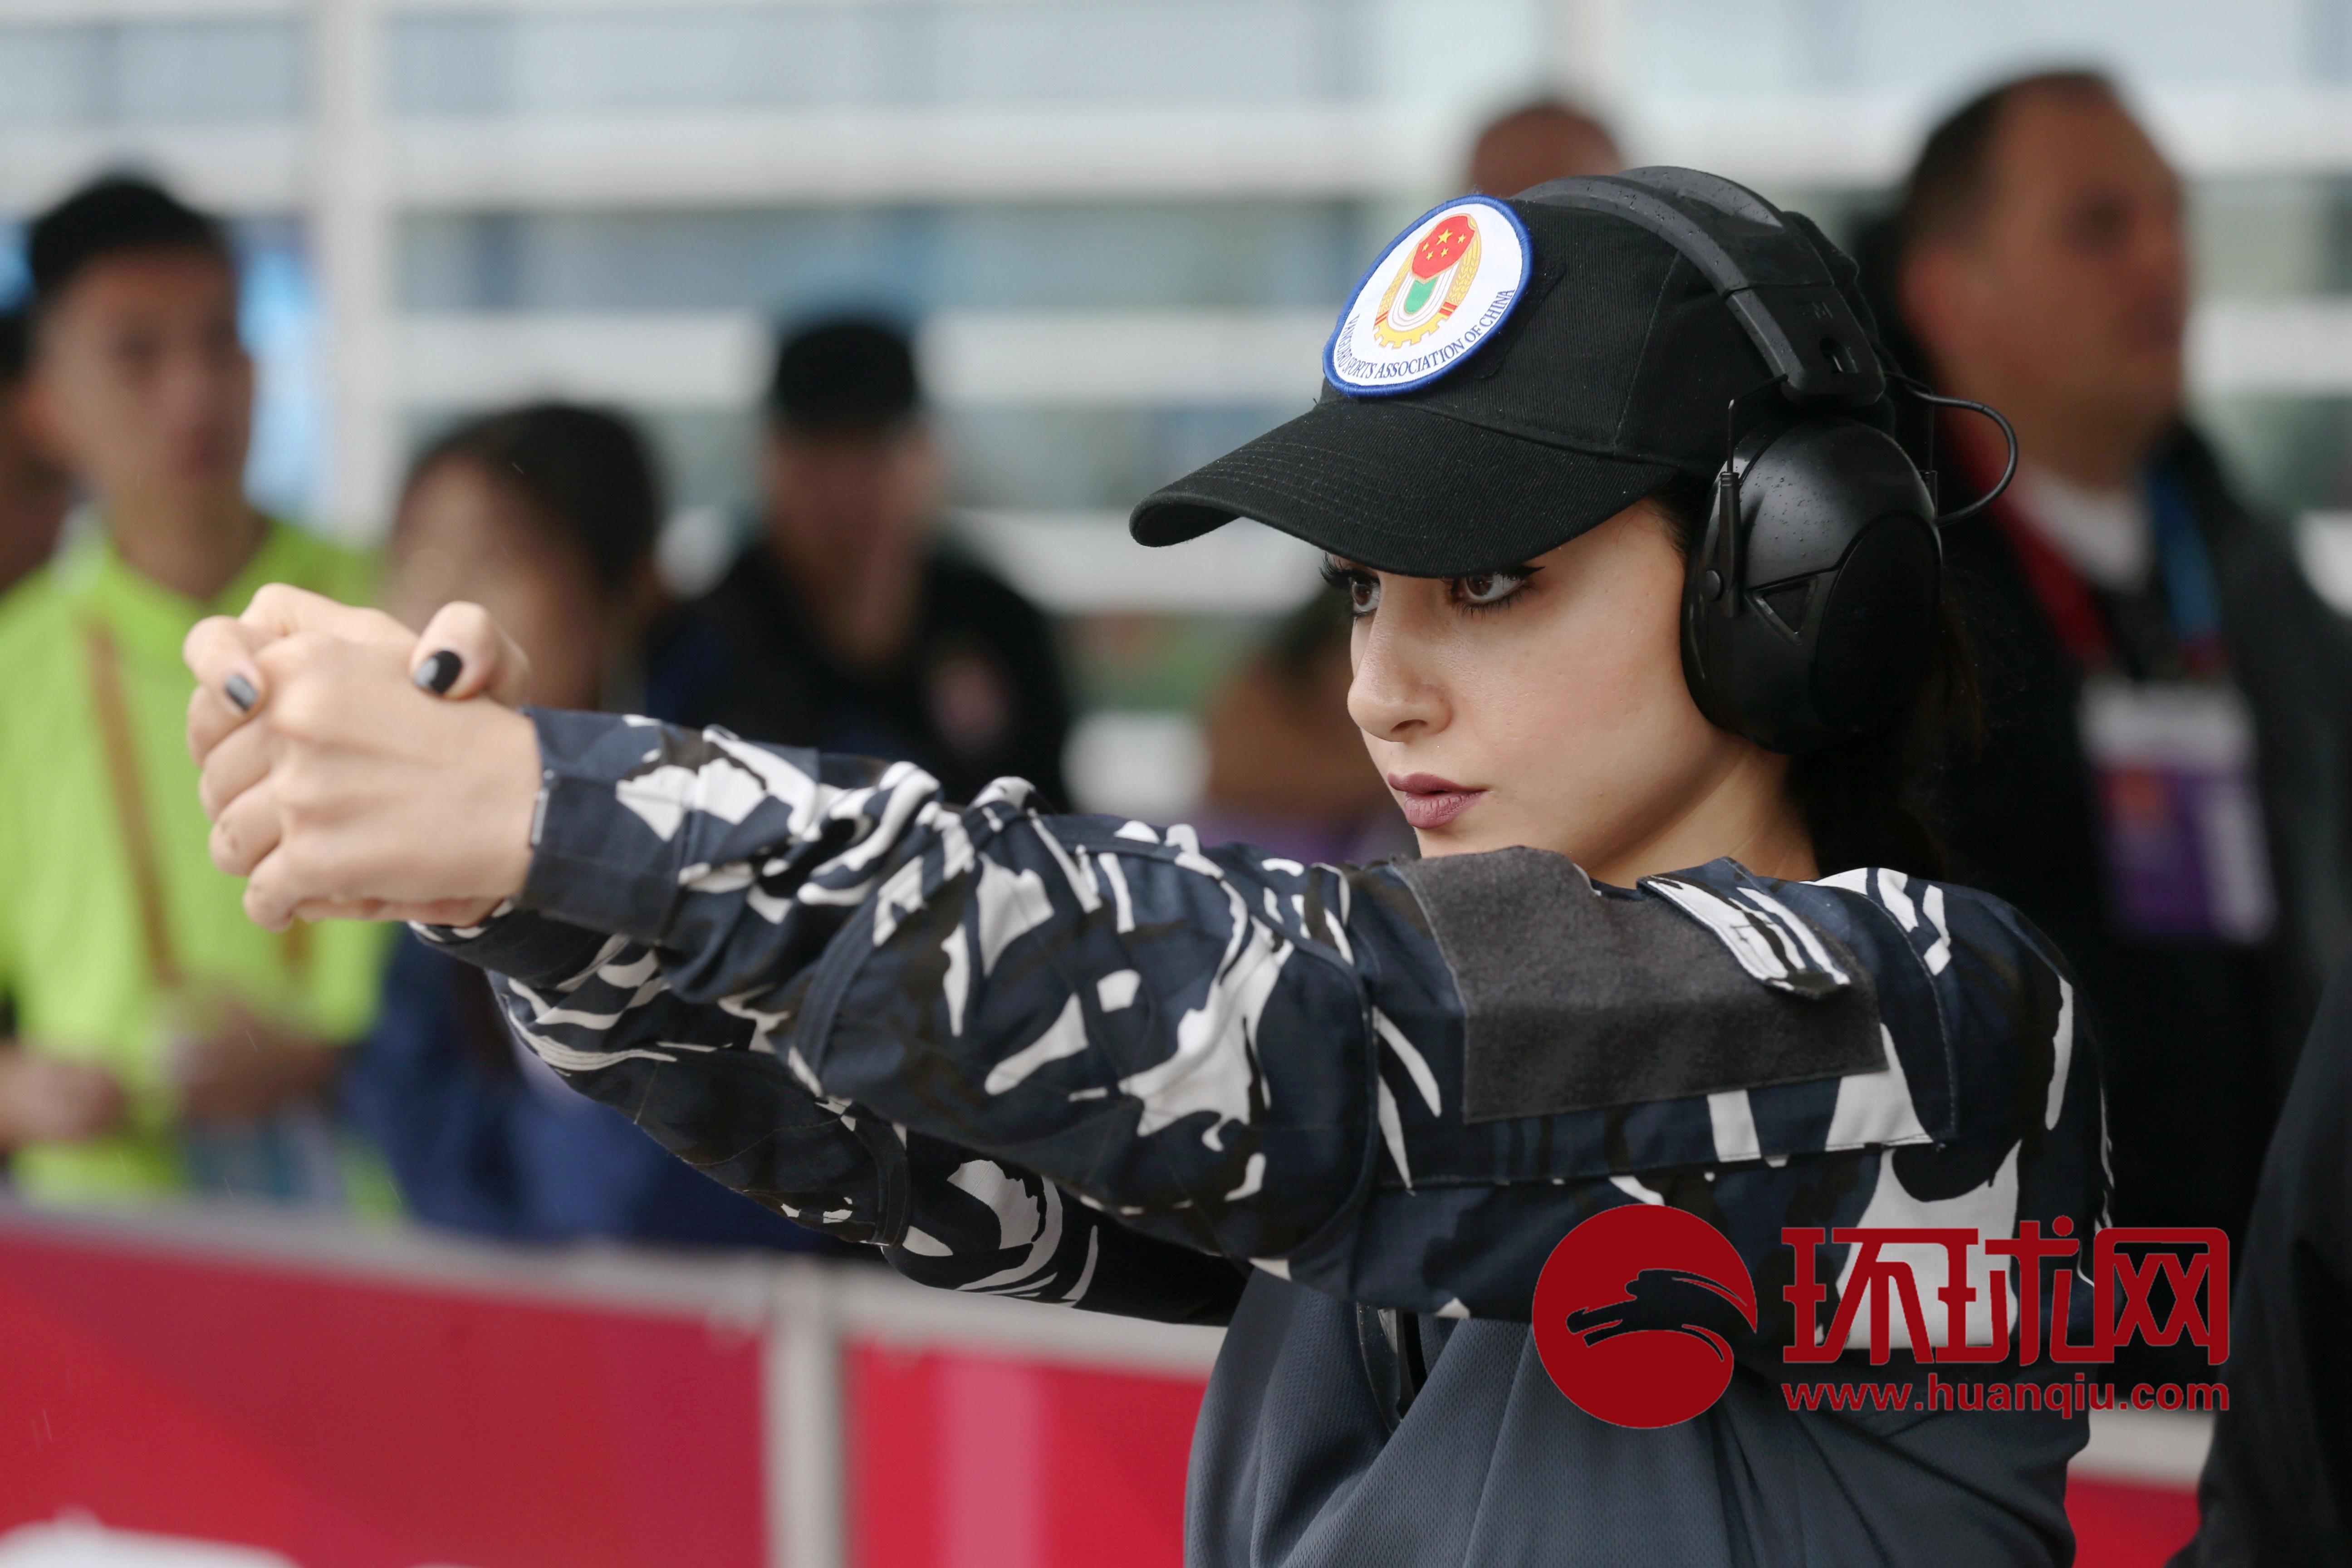 警花扛把子!手枪射击比赛场上一女警颜值逆天